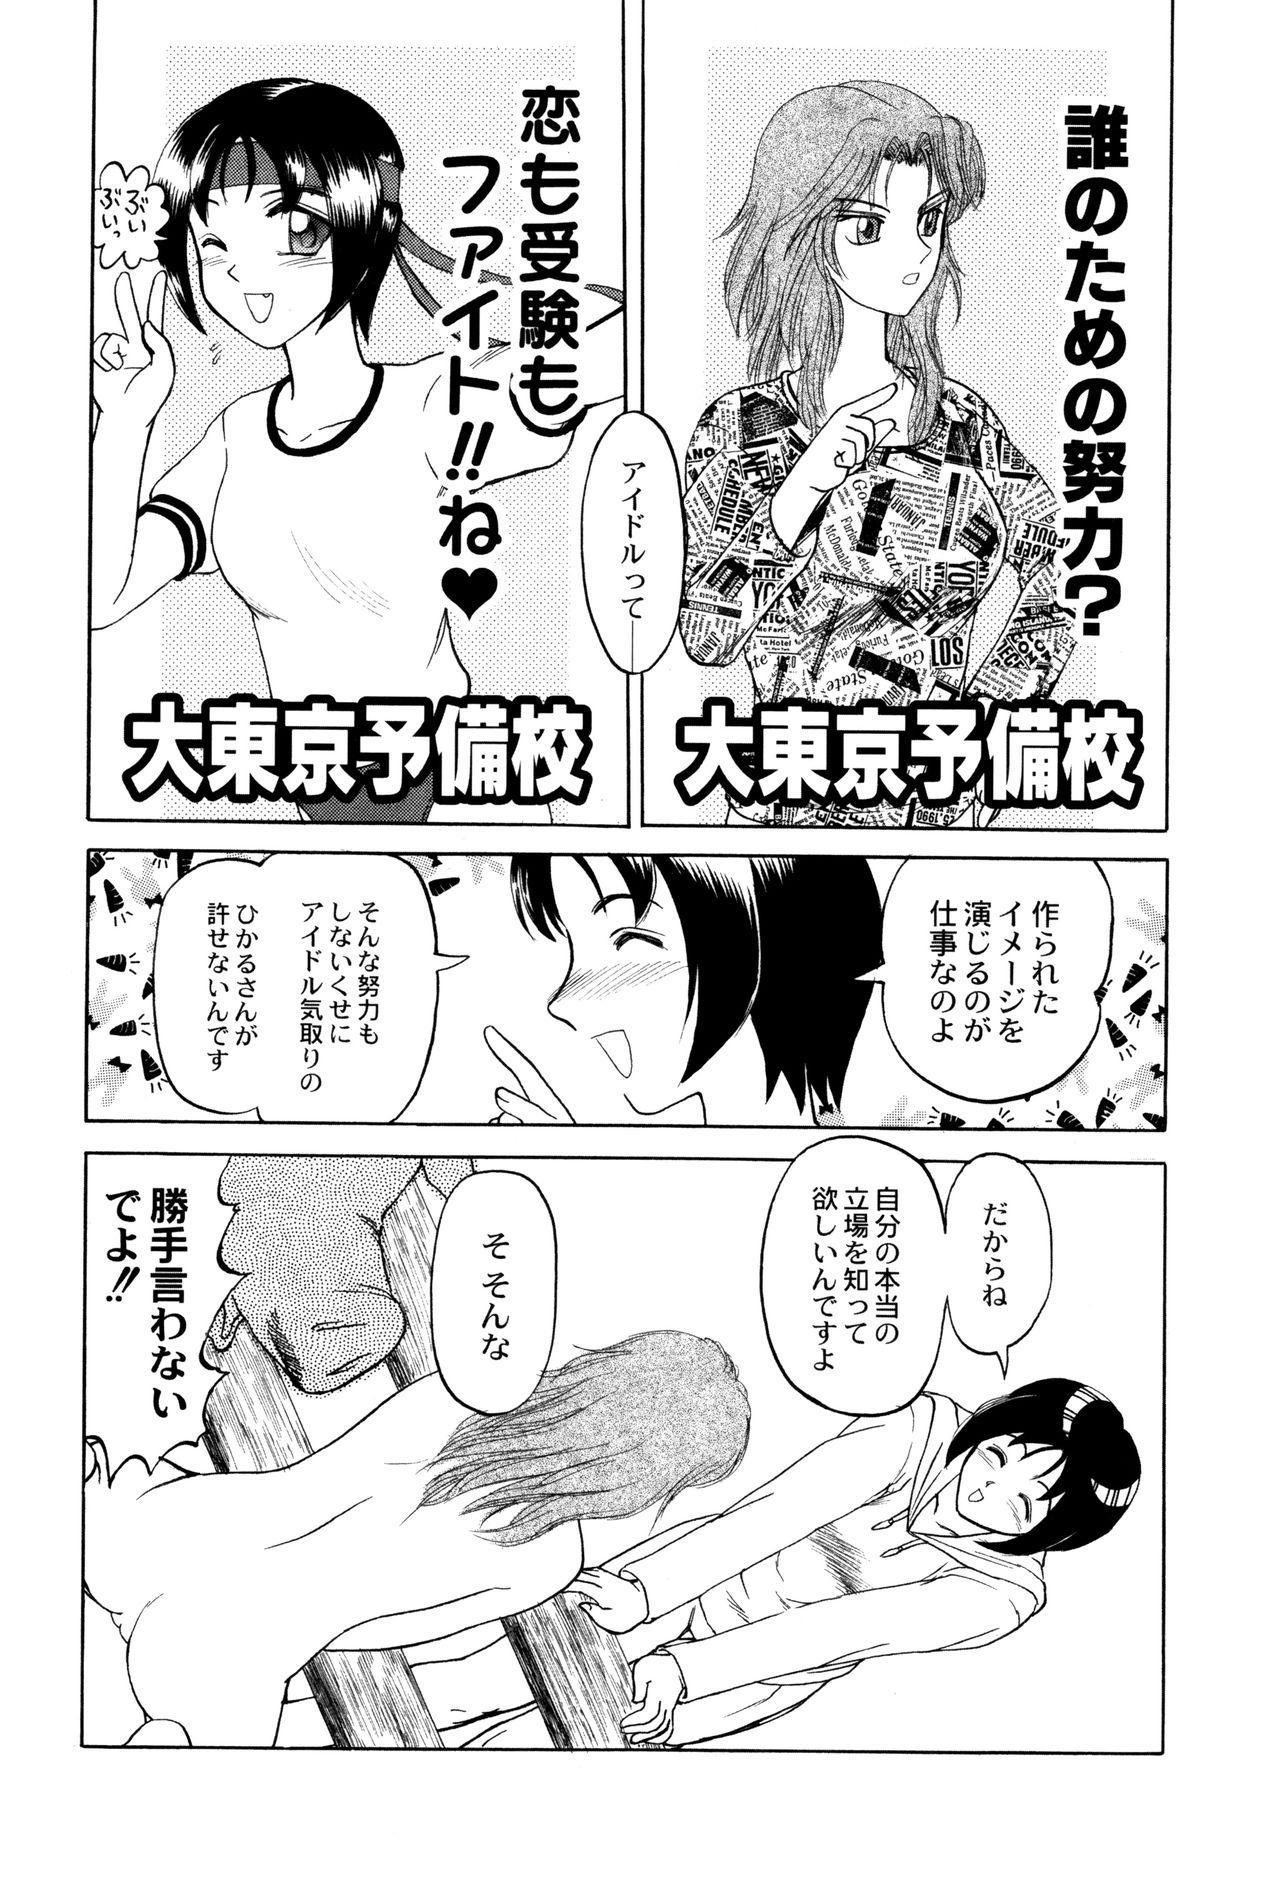 Chishigoyomi 148